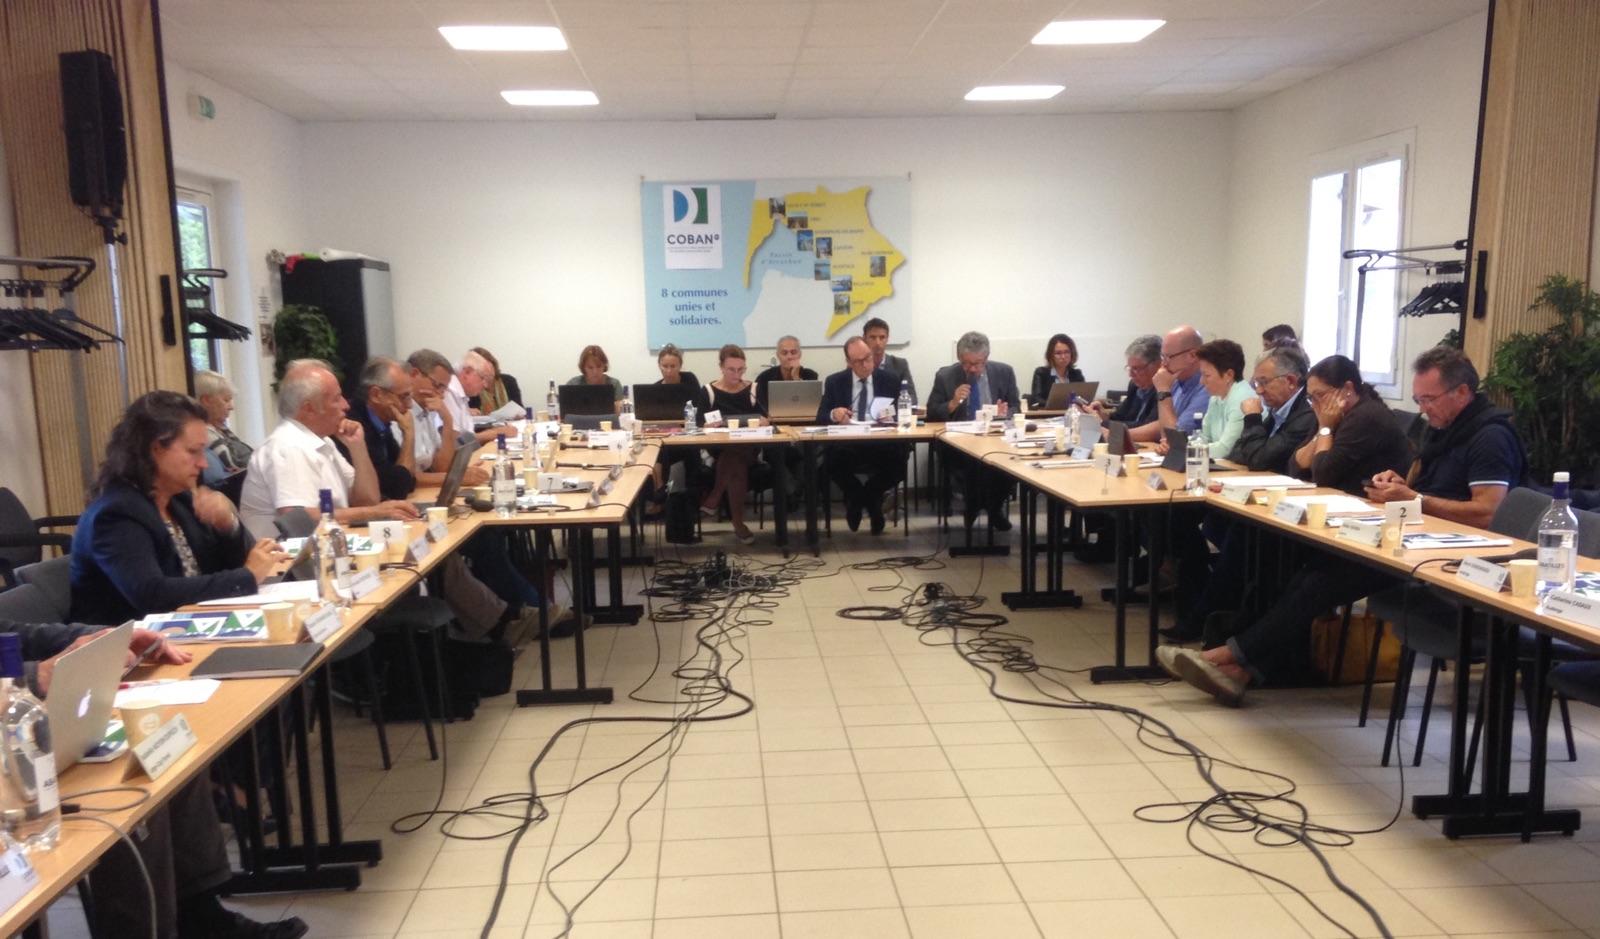 Conseil Communautaire du 24/09/19 : des points sur la politique transport/mobilité